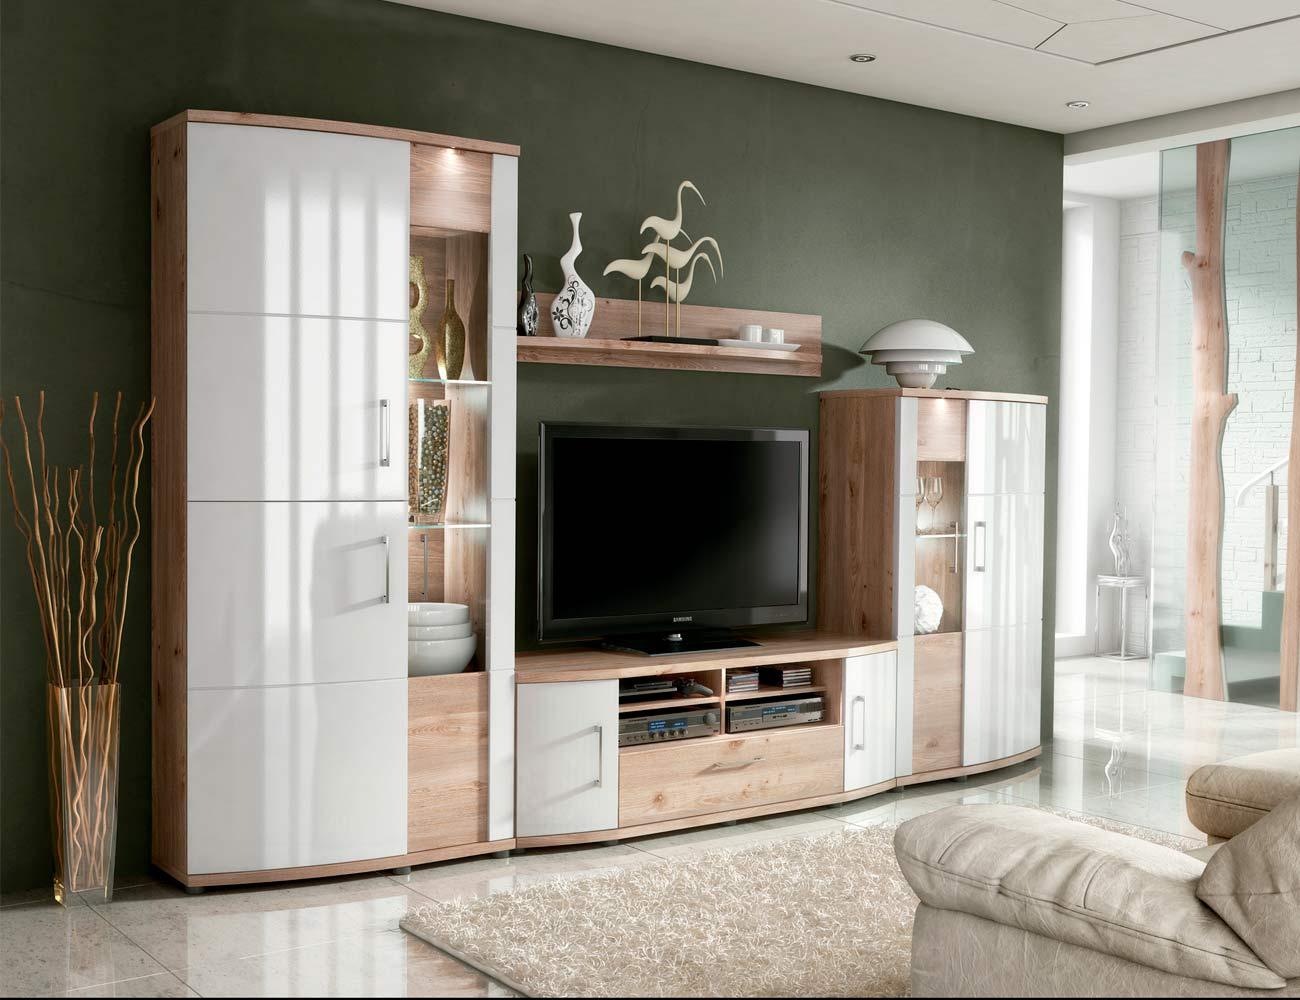 mueble de sal n estilo moderno en madera dm con 2 vitrinas